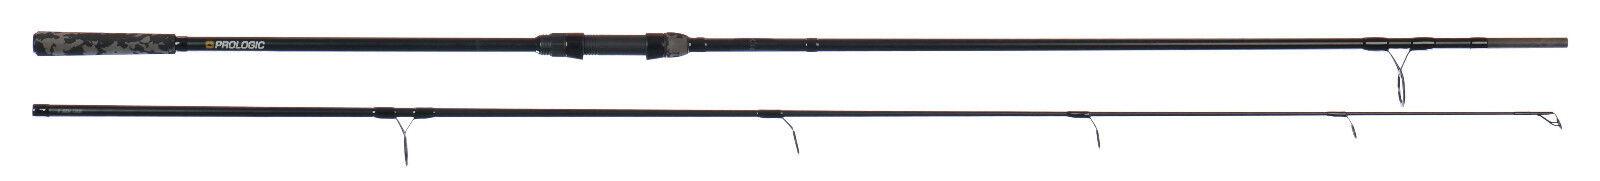 PROLOGIC C1a Alpha 10`12` / 2,75lbs 3,00lbs 2sec. Carp Rods Karpfenrute